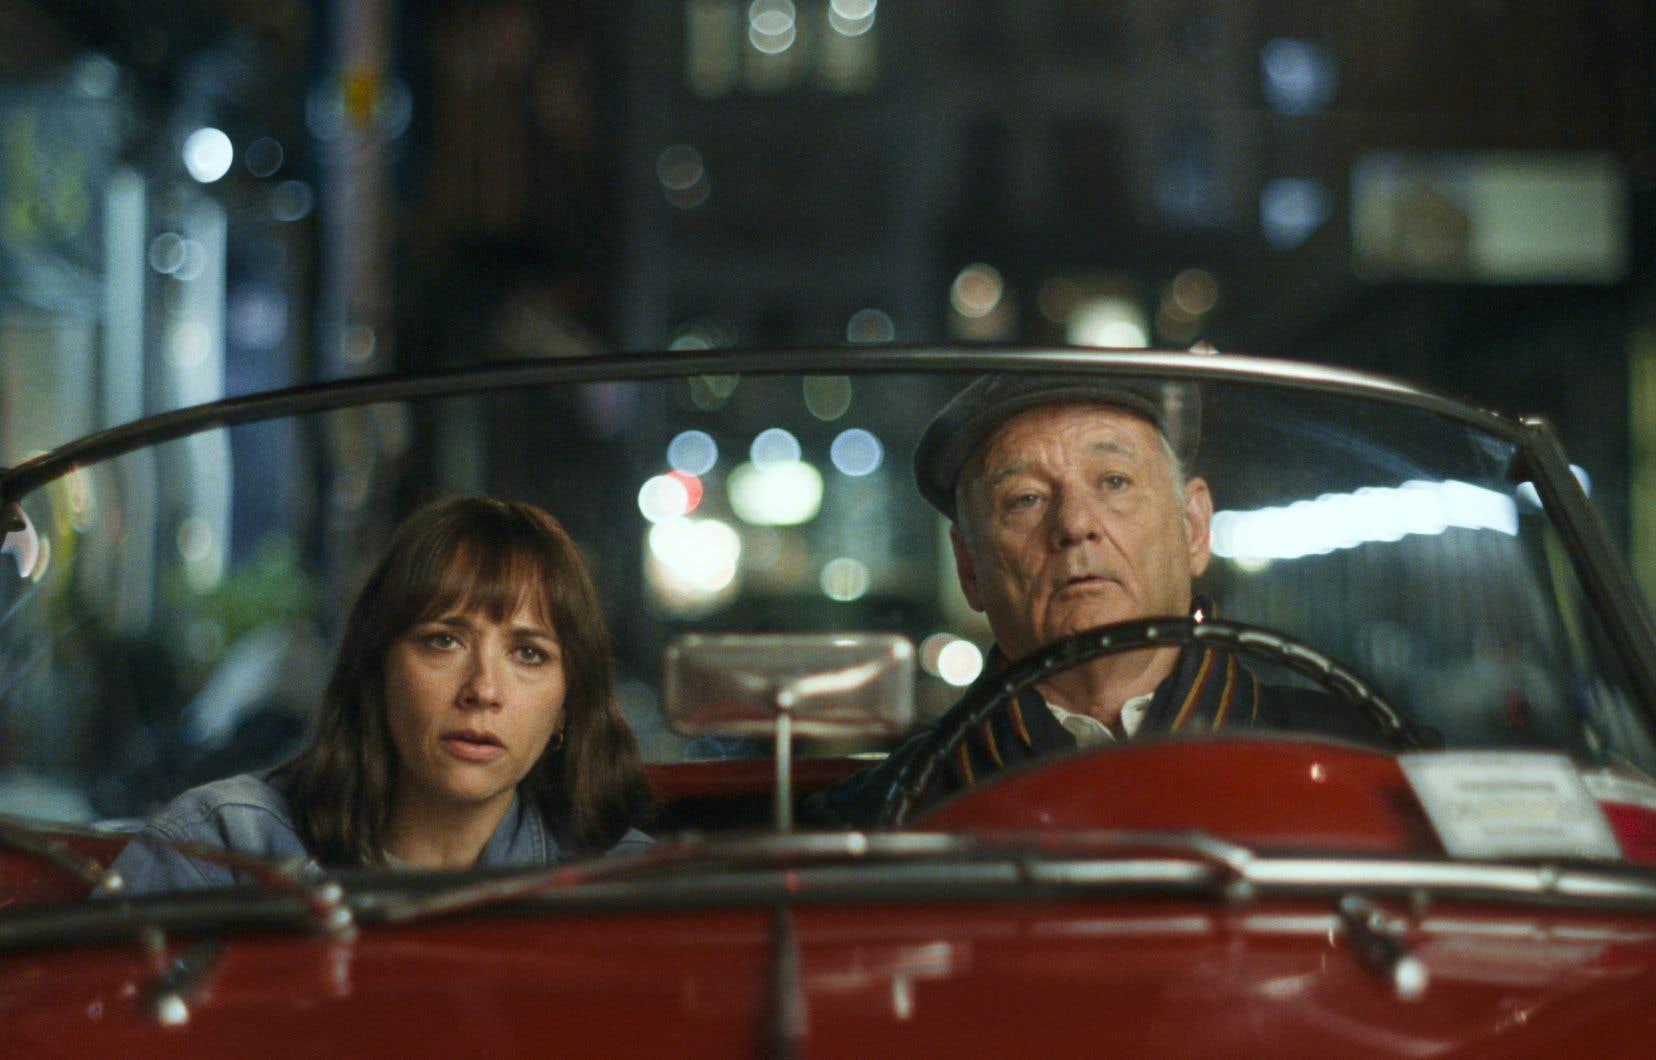 Le deuxième acte du long métrage est constitué de filatures nocturnes au cours desquelles le père volage qu'est Felix tente de renouer avec sa fille.